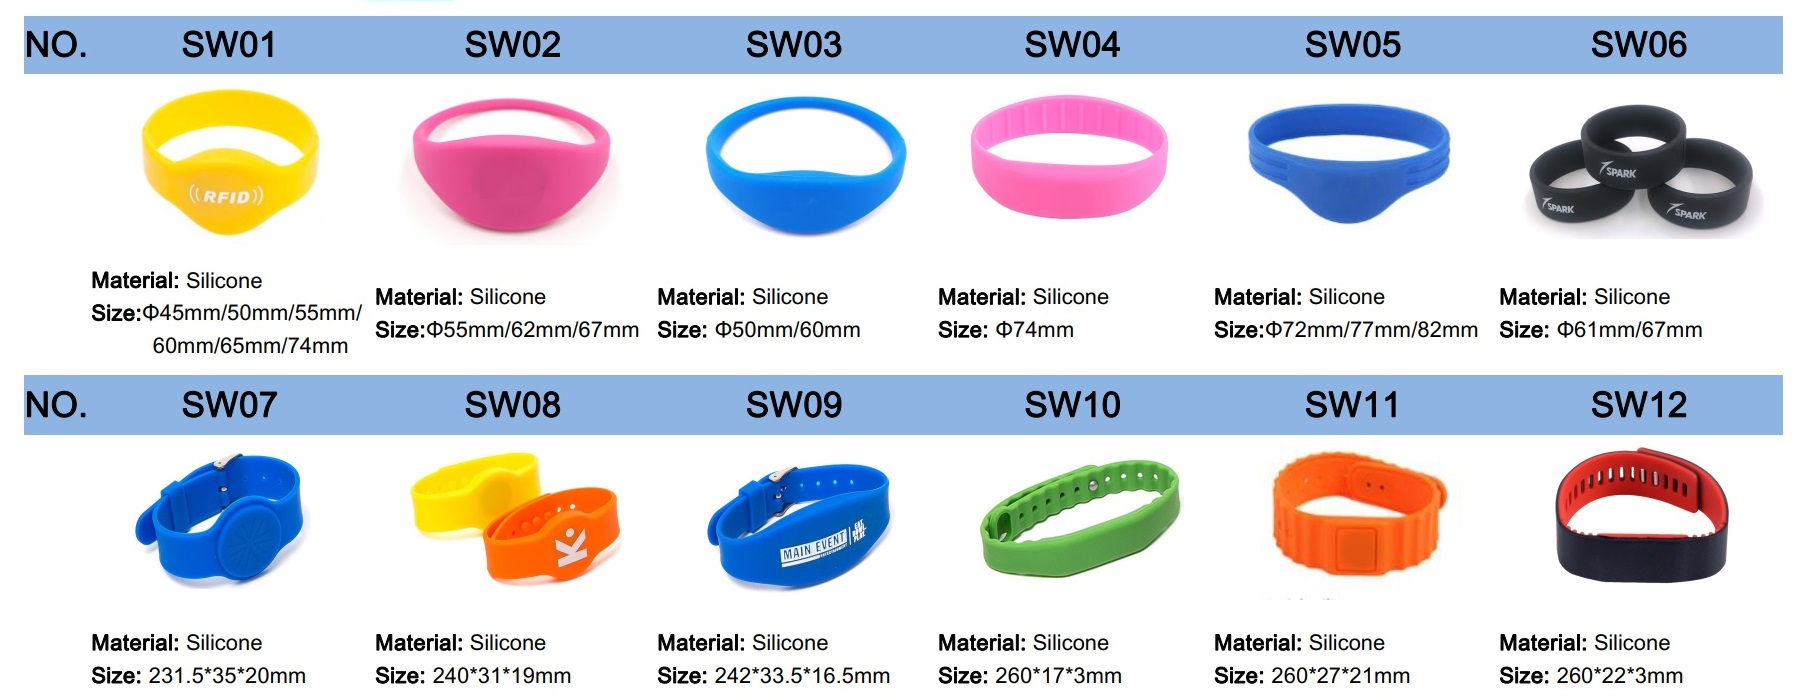 braccialetti-rfid-in-silicone